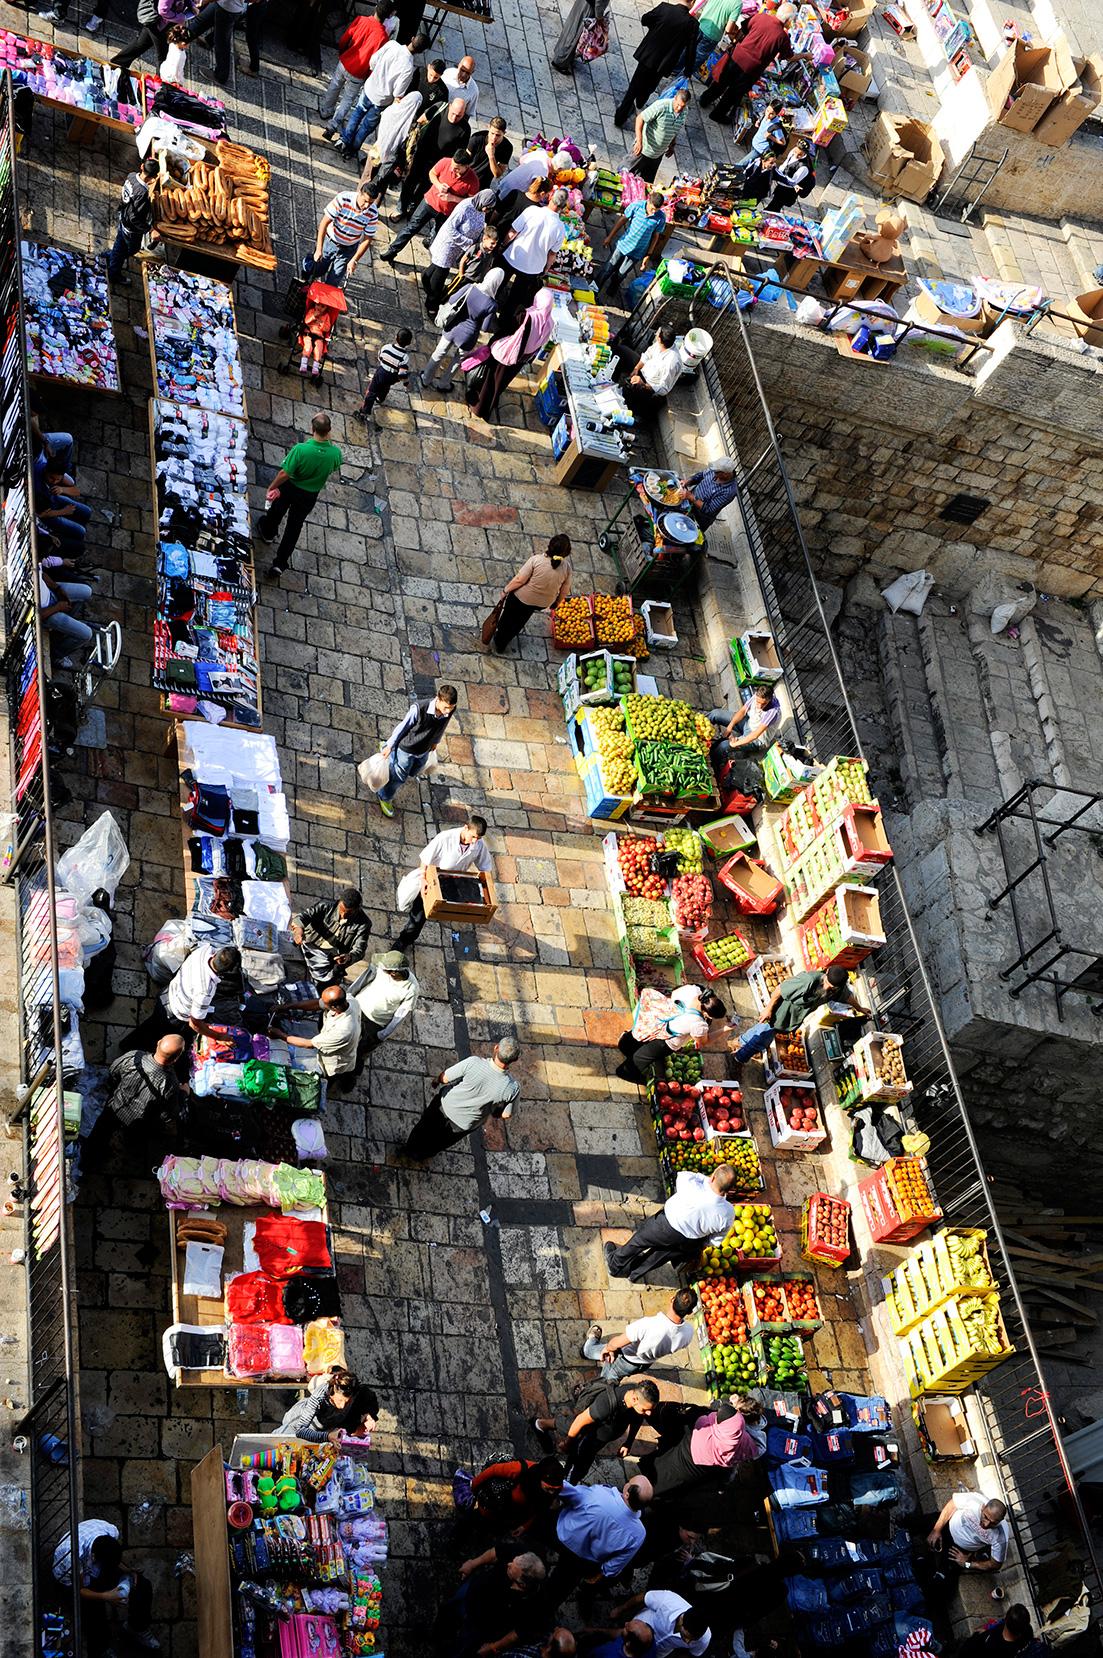 Straßenmarkt vor dem Damaskustor in Jerusalem